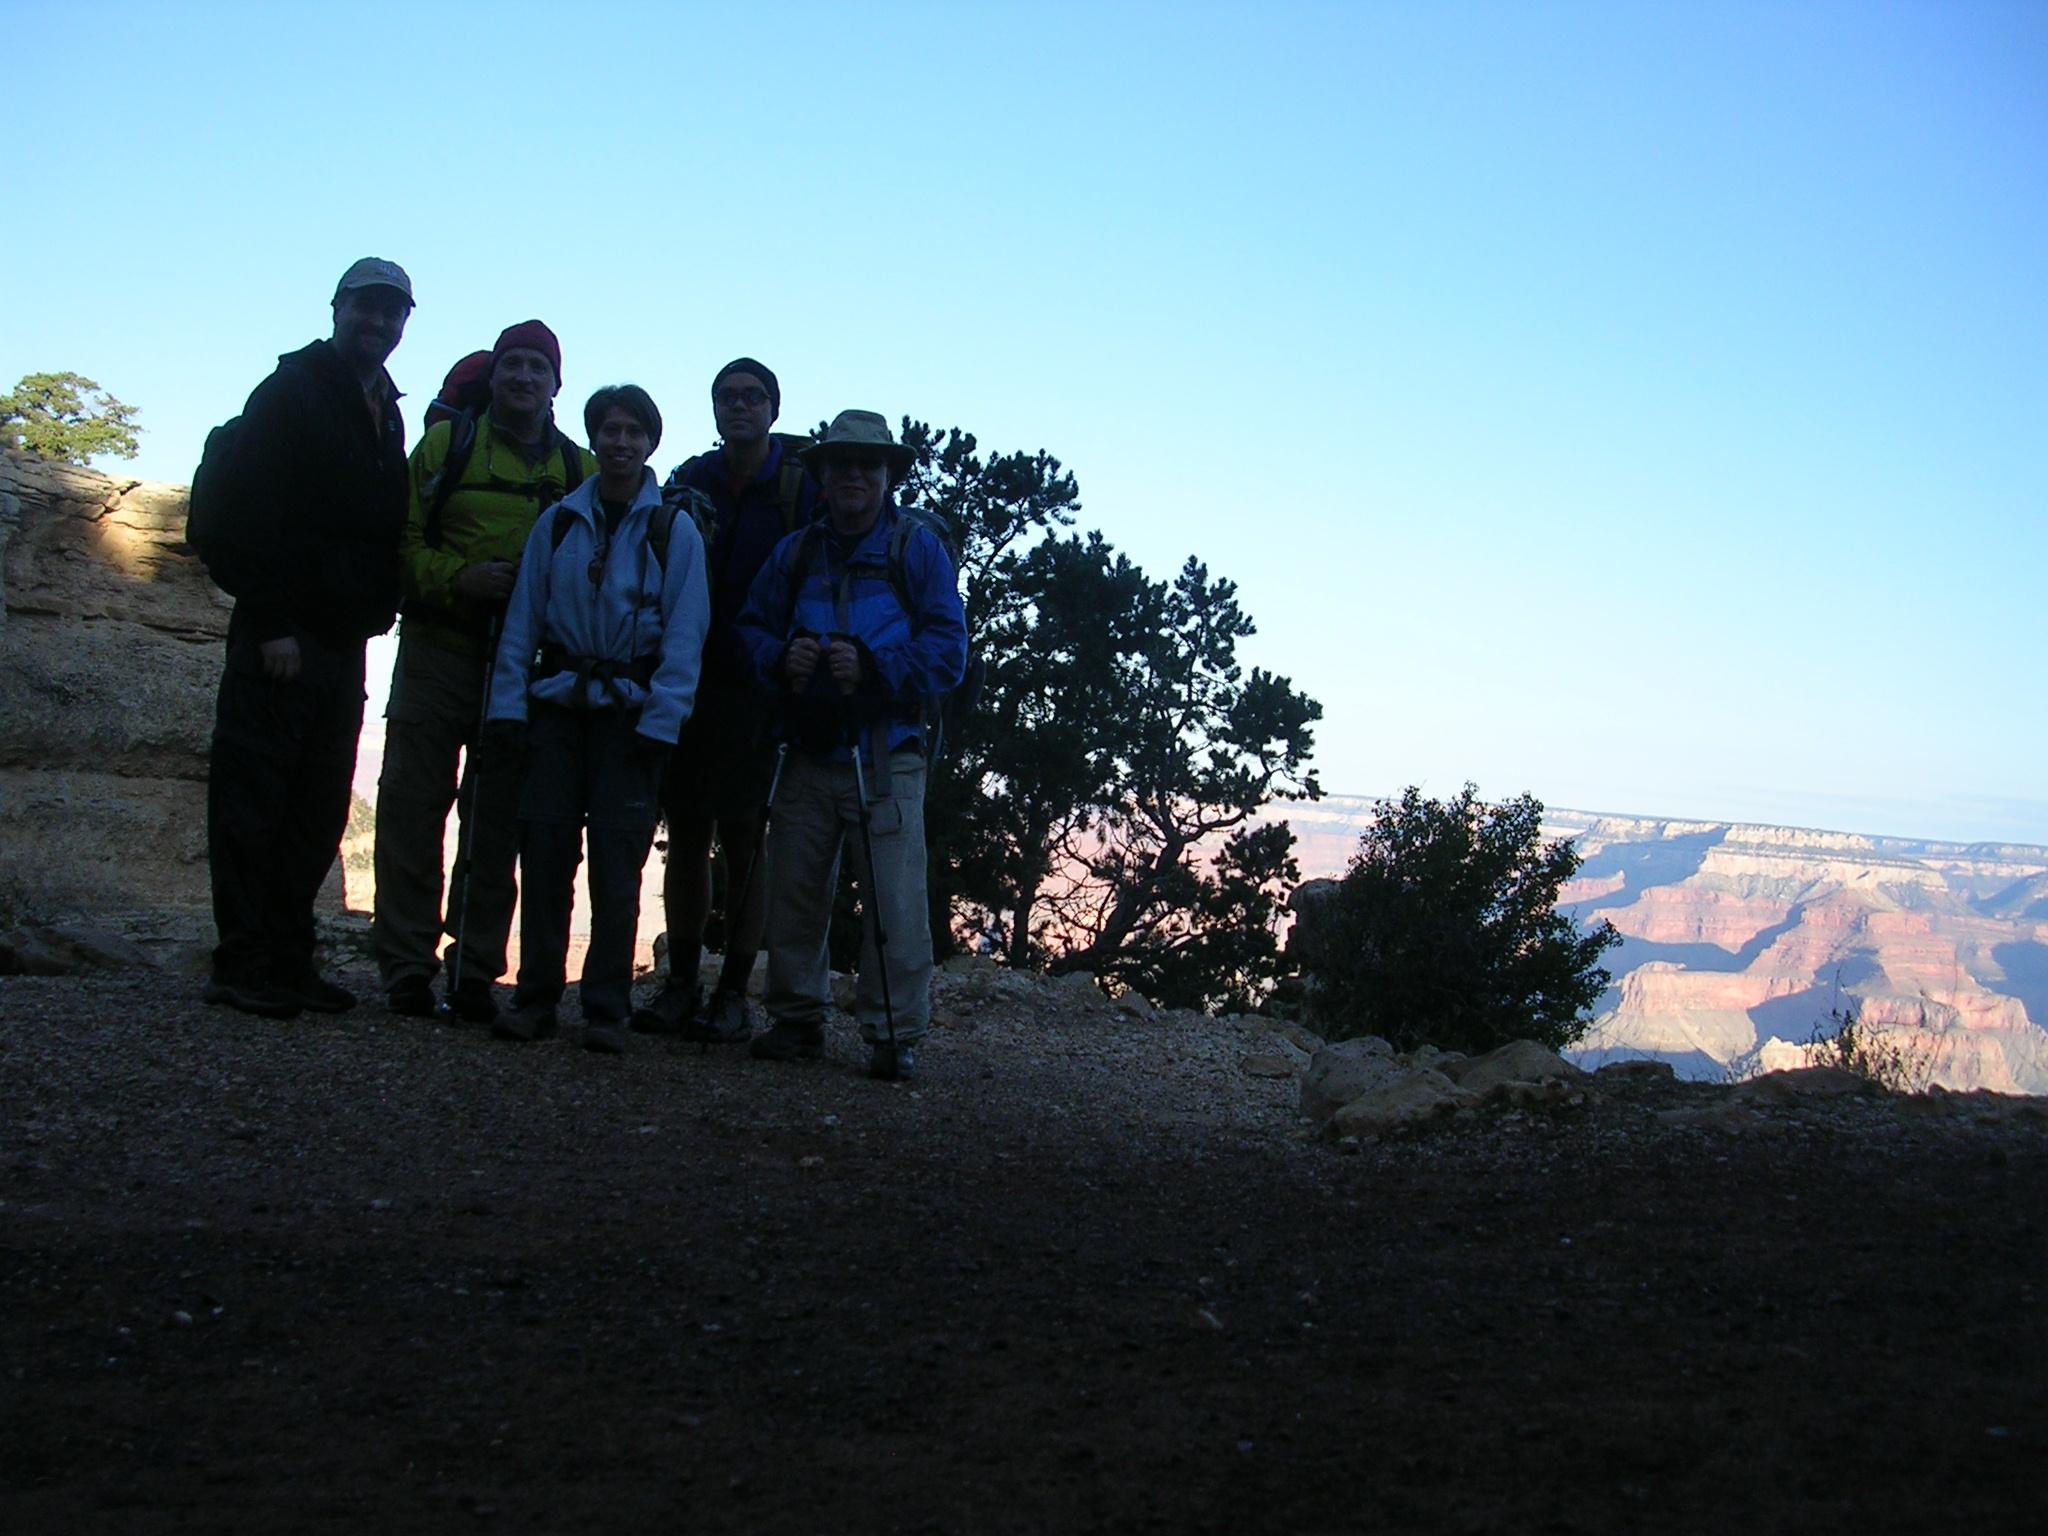 (L to R) Dan, Steve, Susan, Brian, Hanley